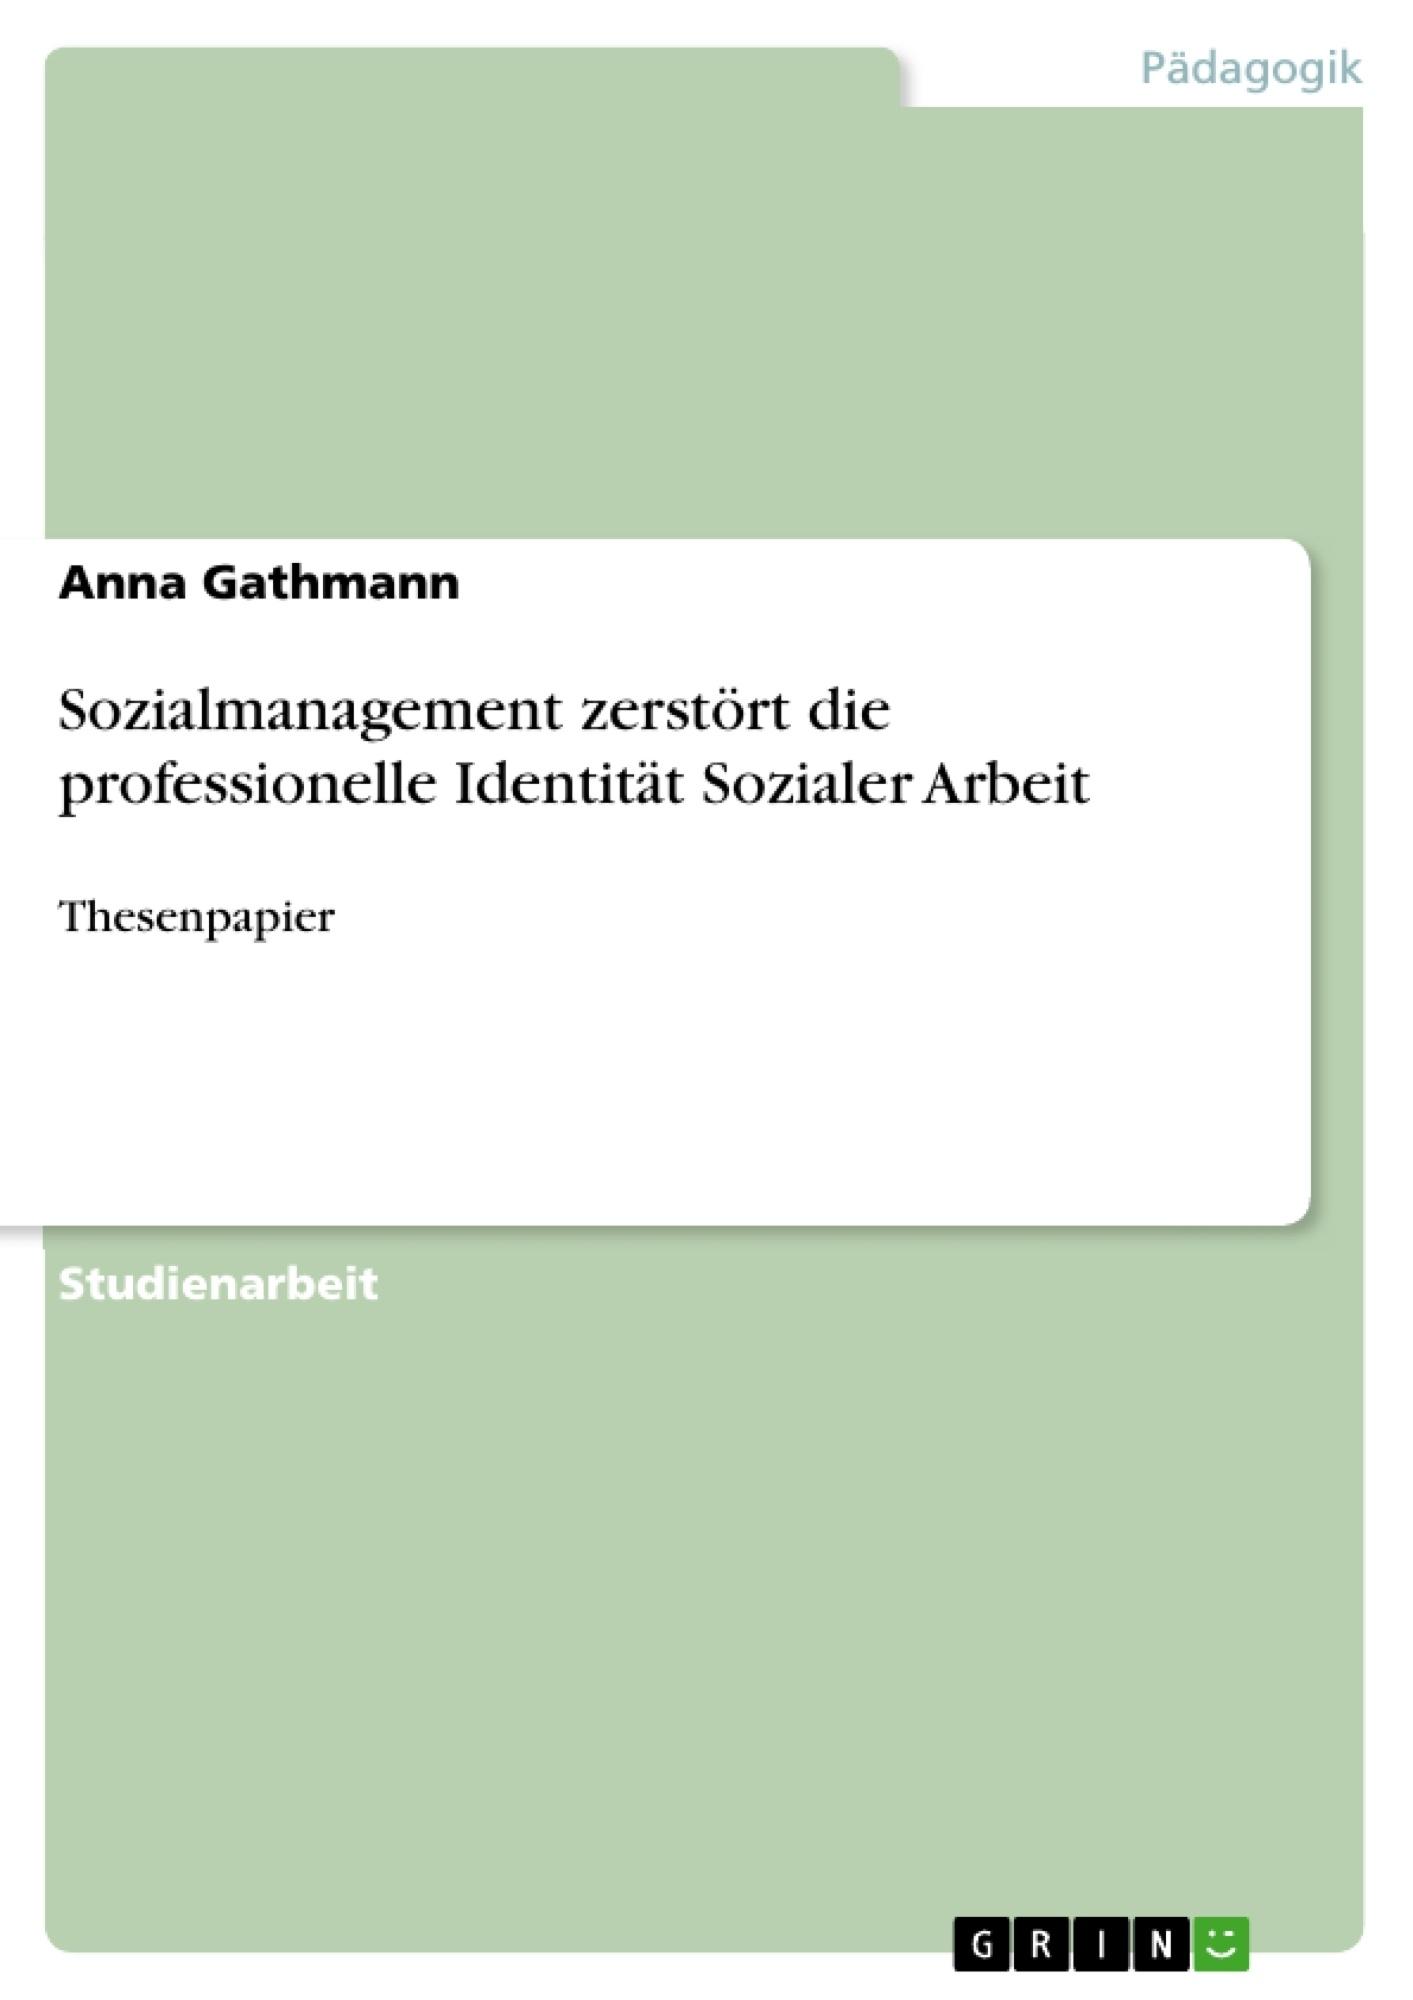 Titel: Sozialmanagement zerstört die professionelle Identität Sozialer Arbeit